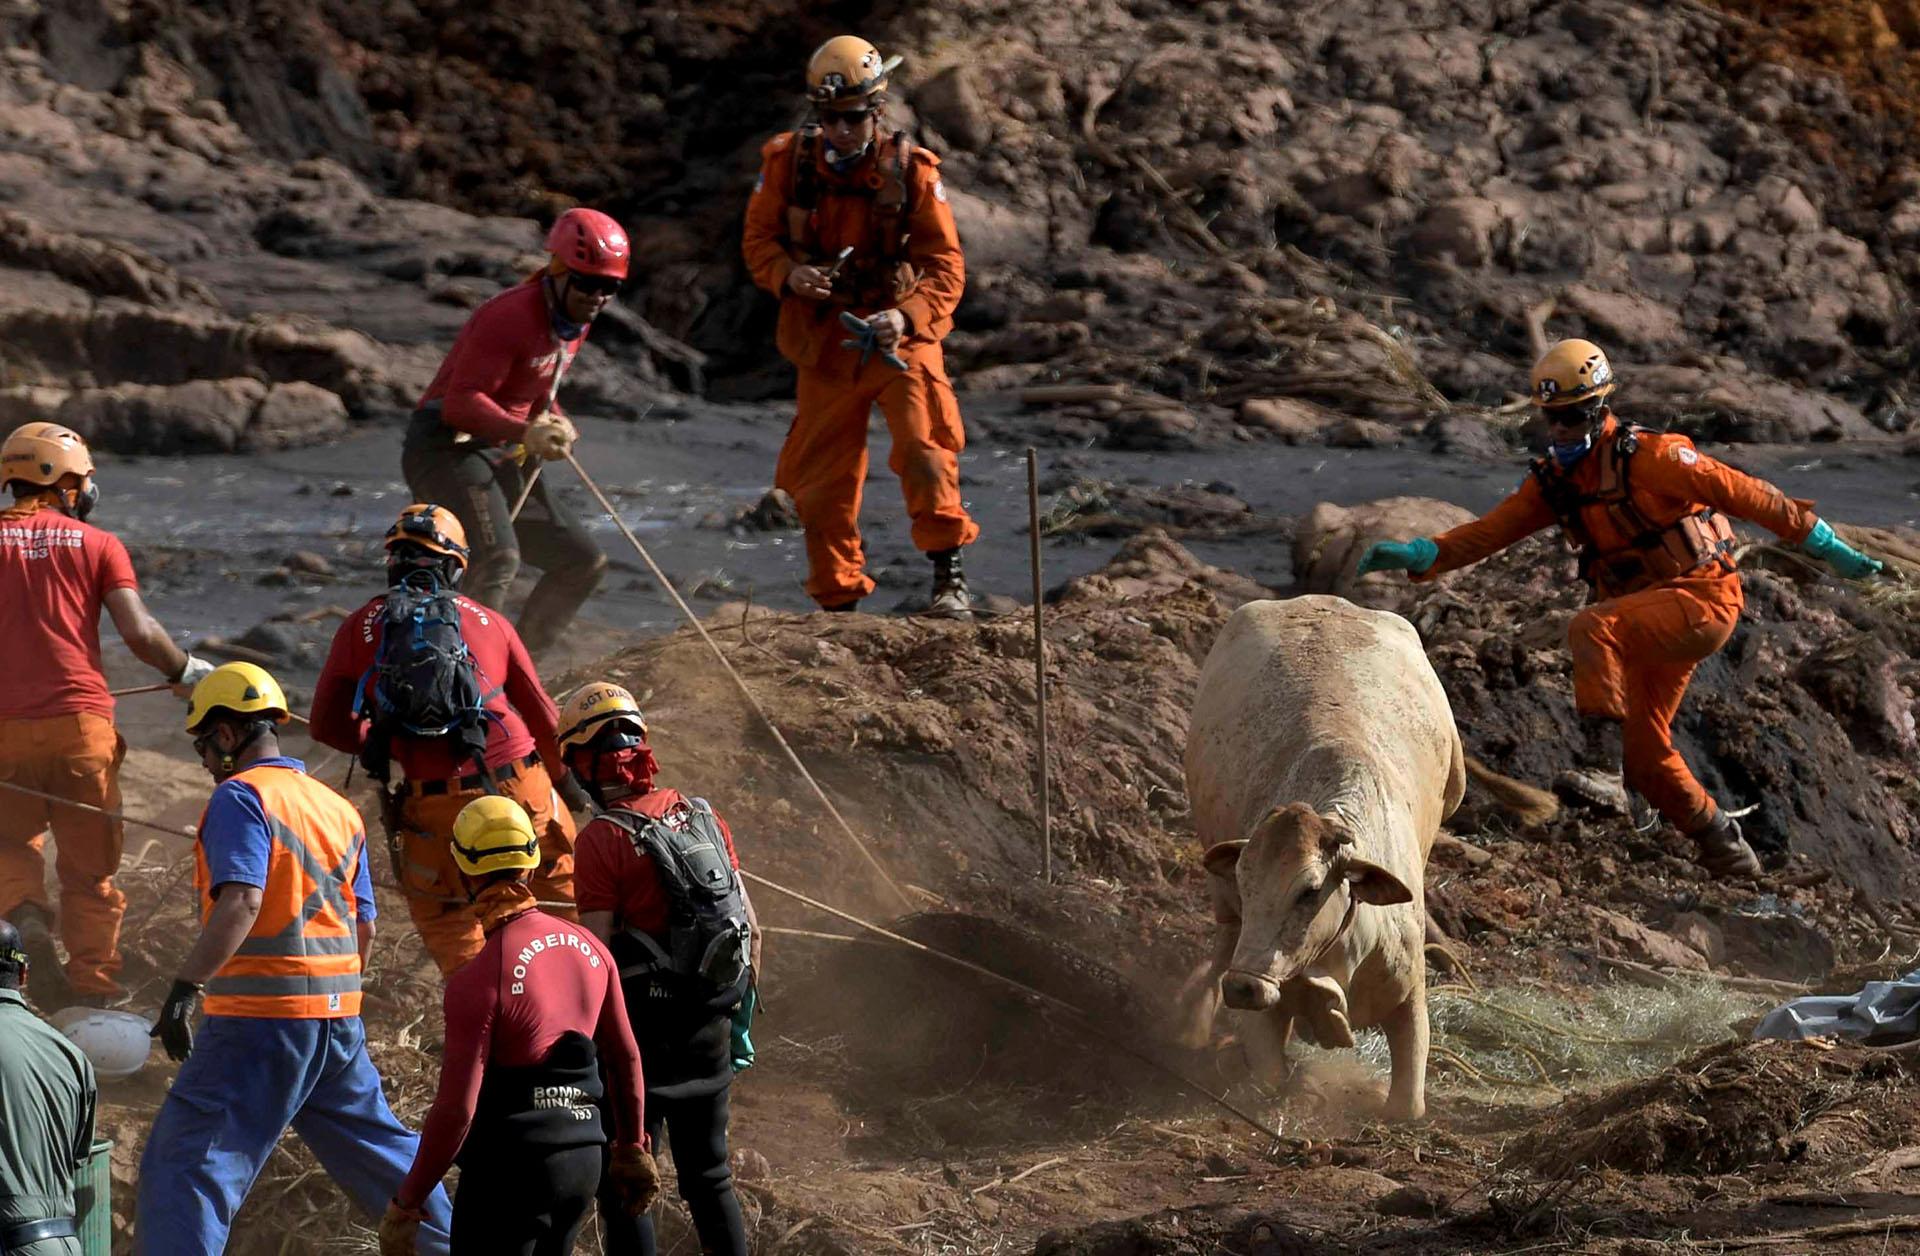 Las autoridades advirtieron sobre posibles nuevas roturas de represas mineras (Reuters)